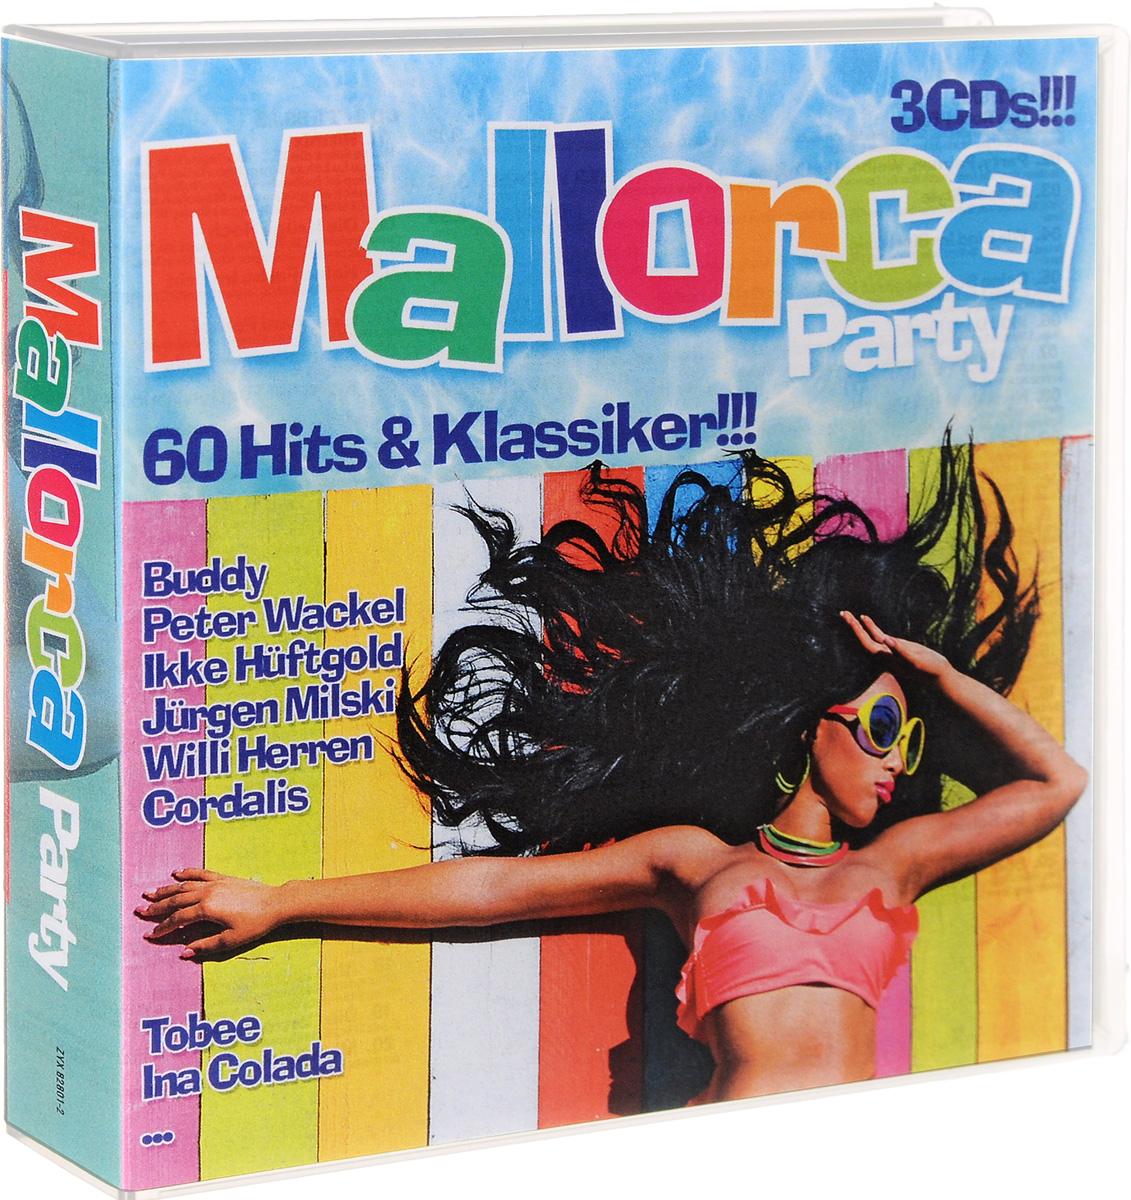 Mallorca Party. 60 Hits & Klassiker!!! (3 CD)